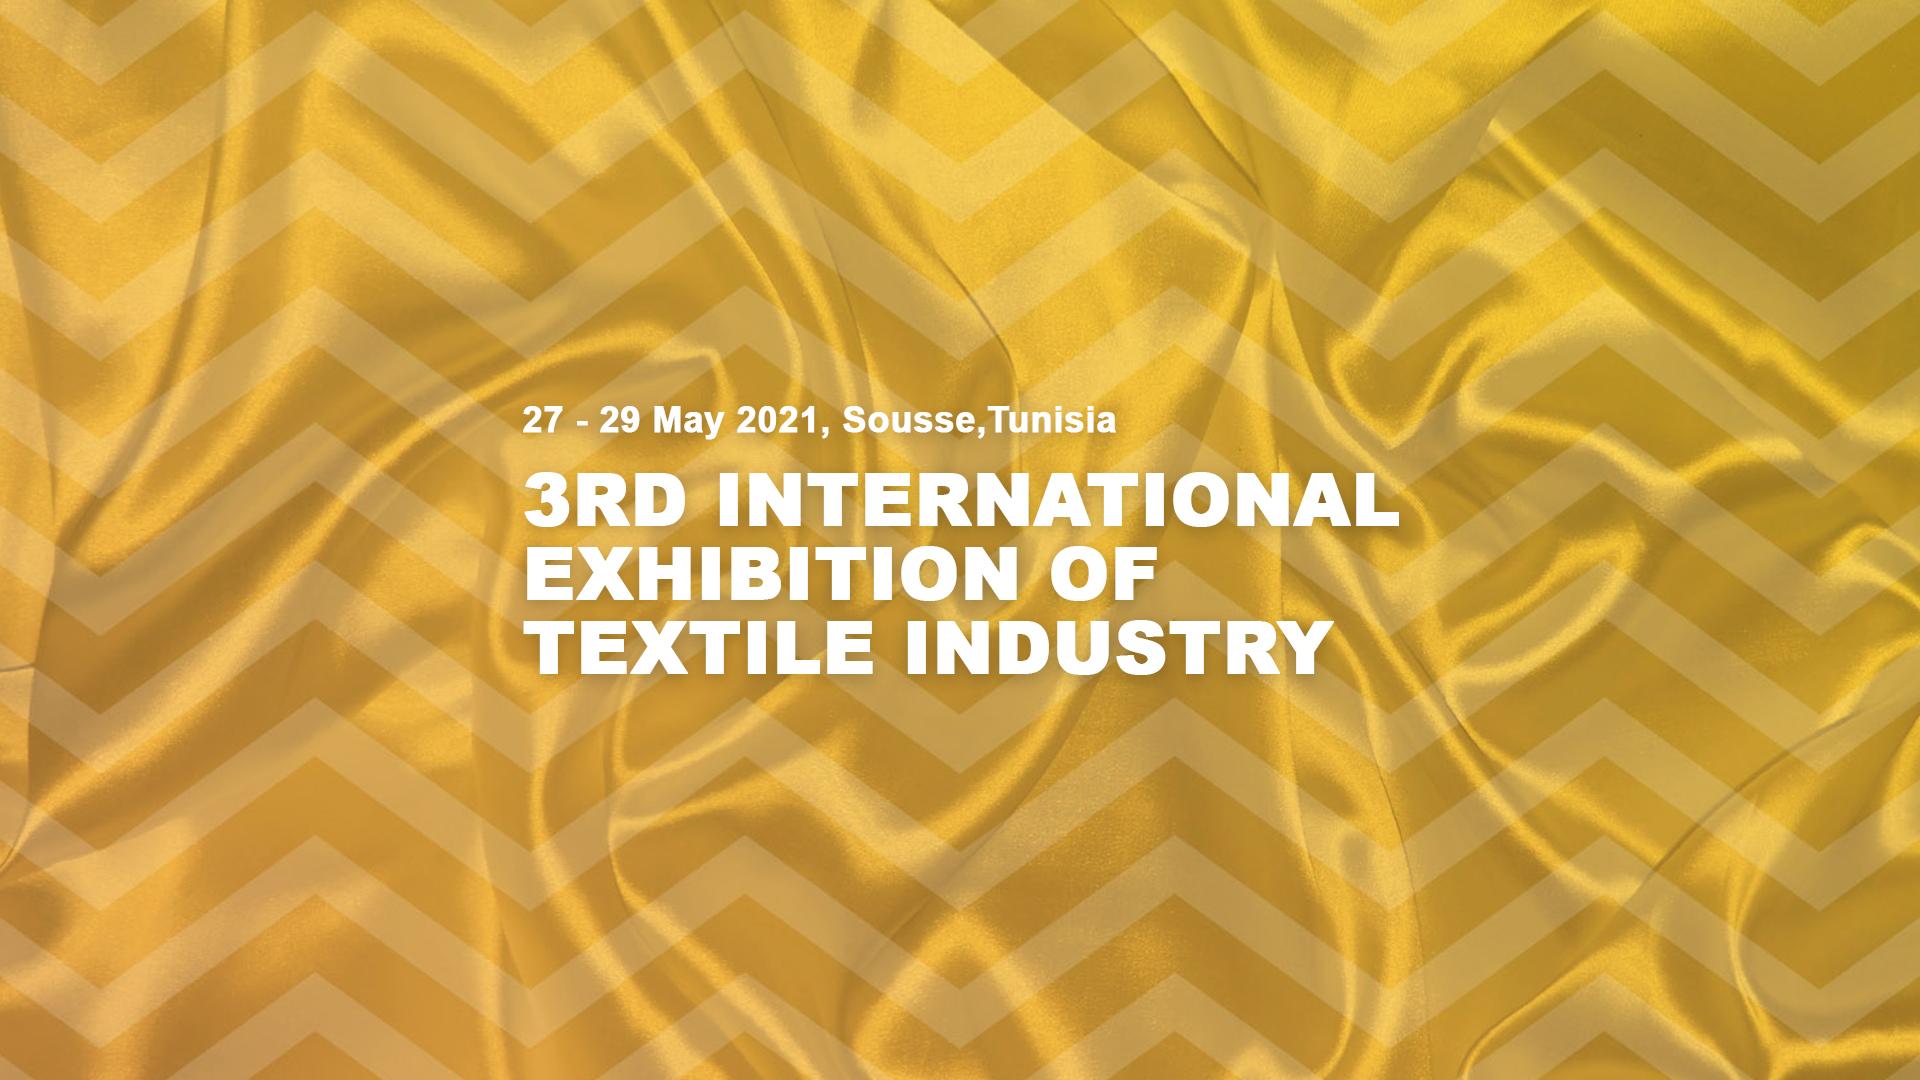 INTERTEX TUNISIA fuarı 27-29 Mayıs 2021